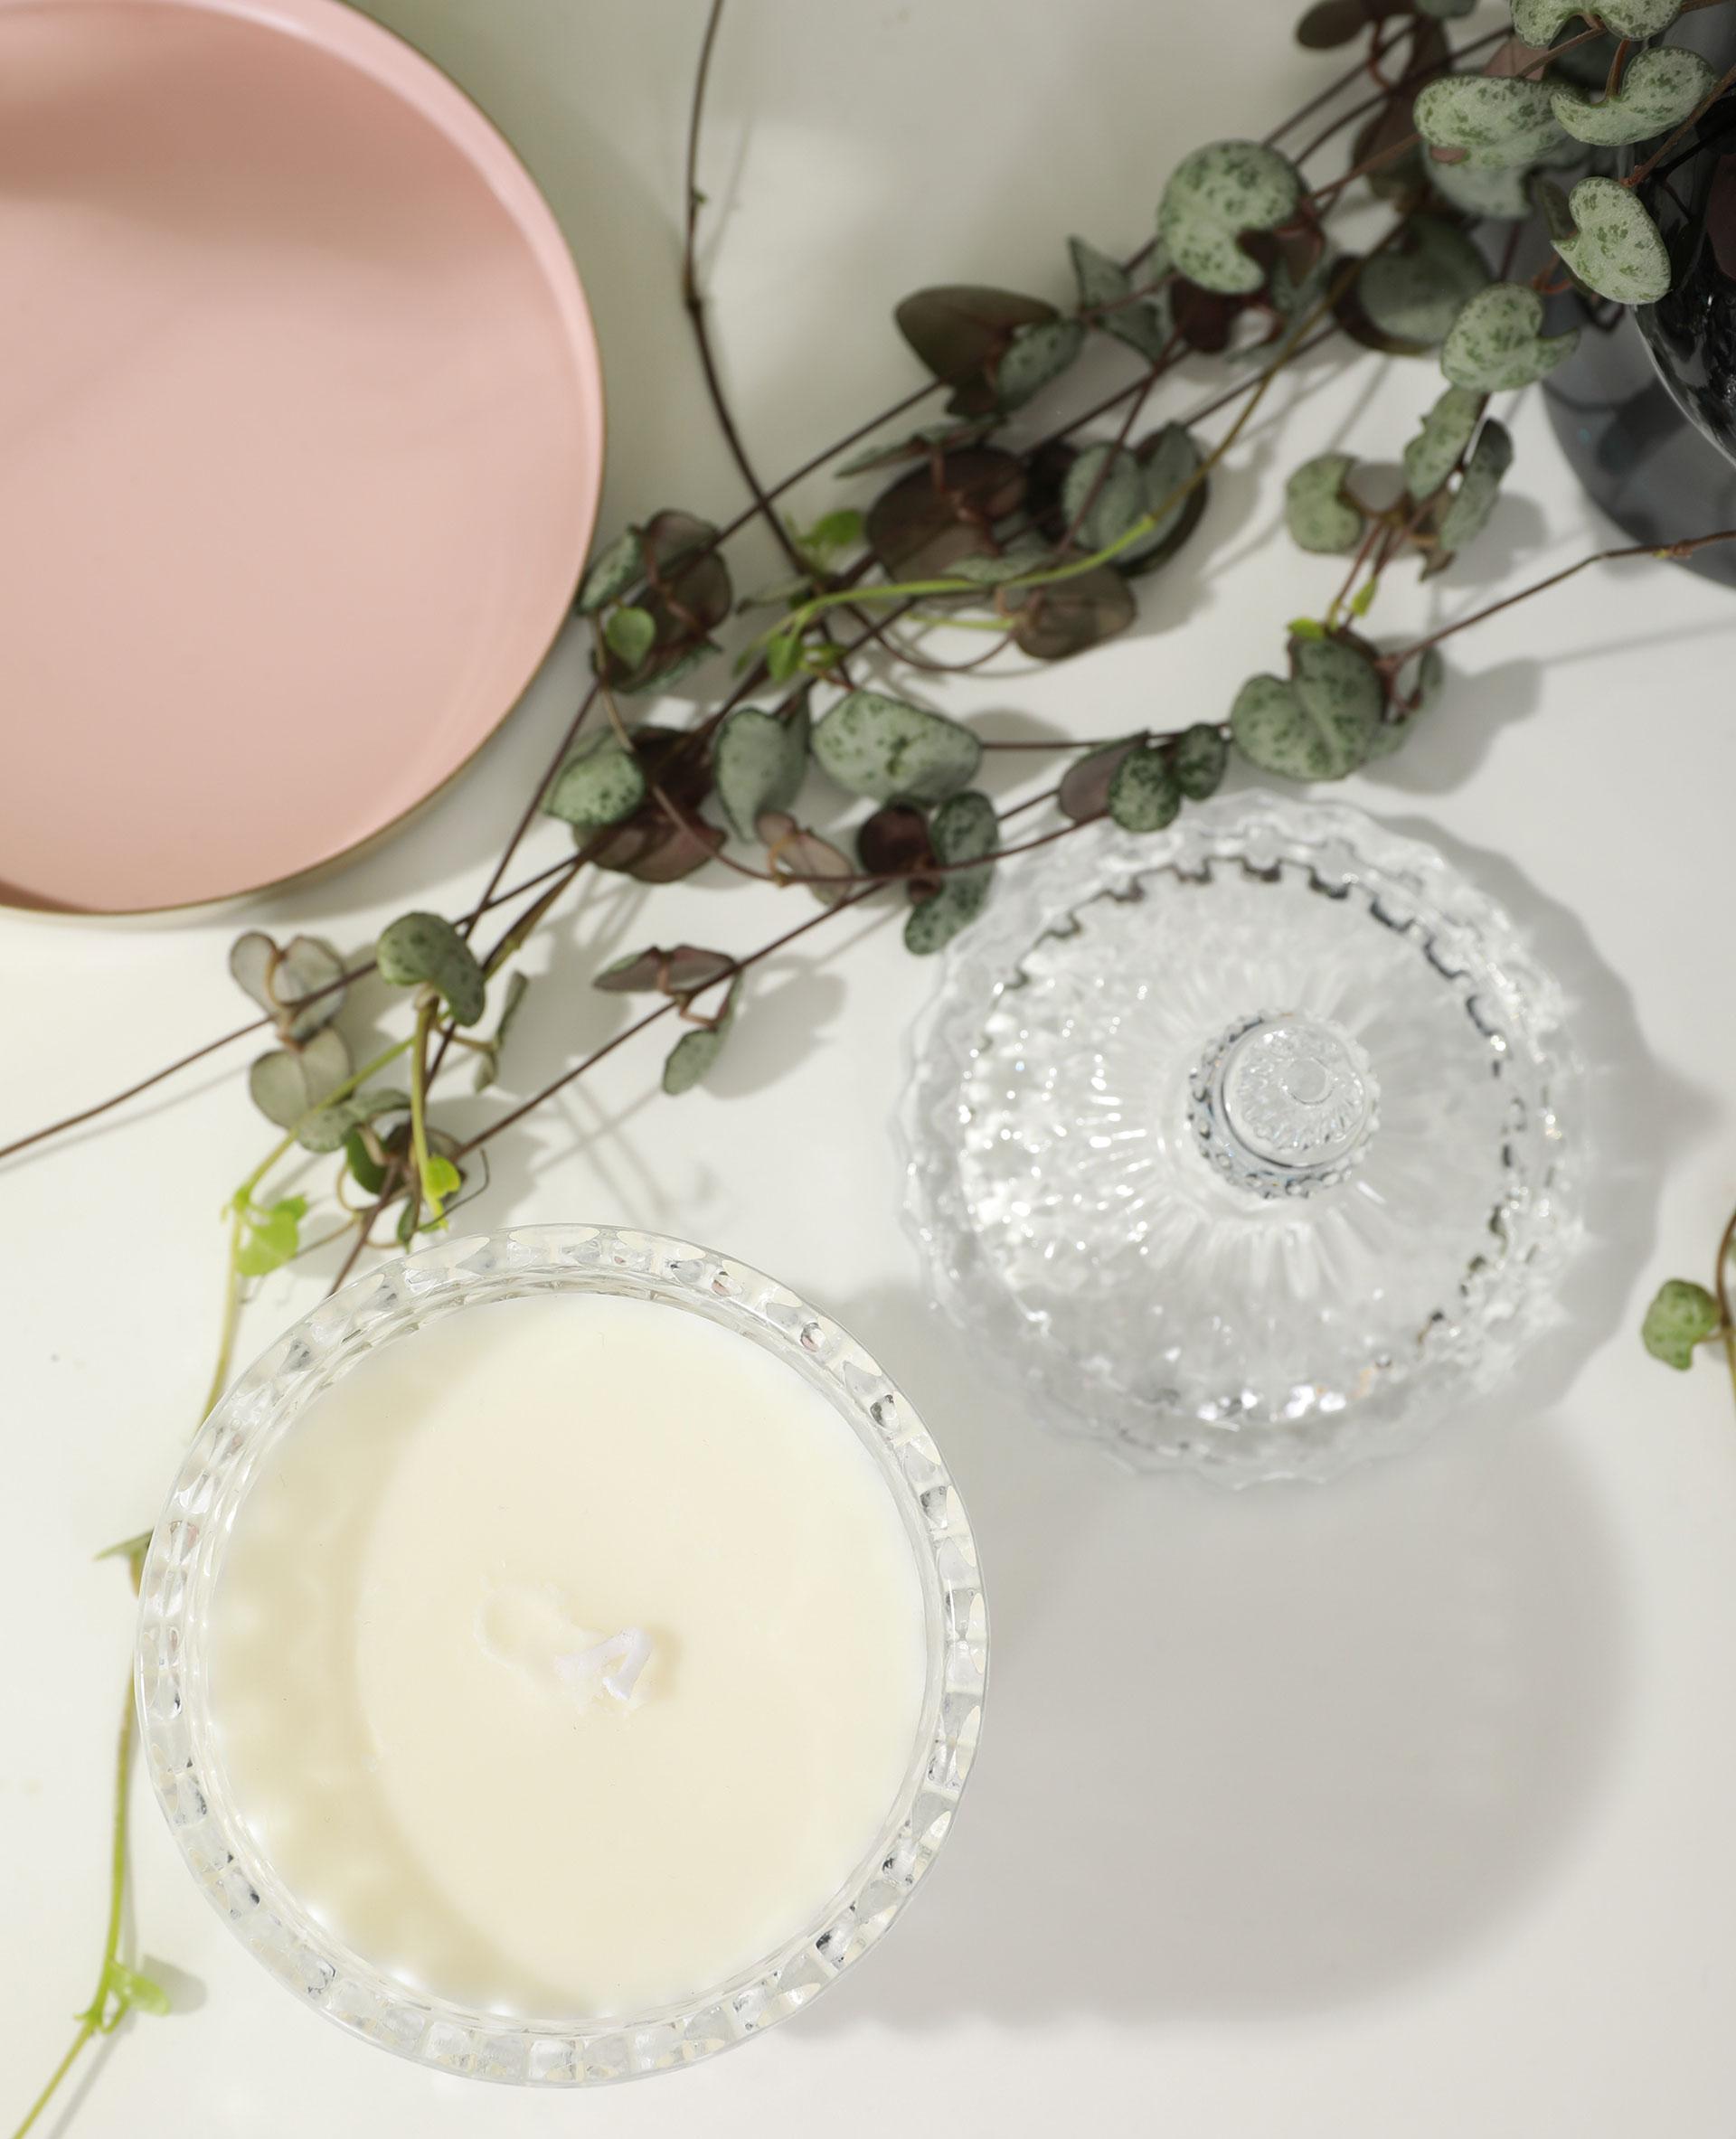 Bougie baroque blanc cassé - Pimkie